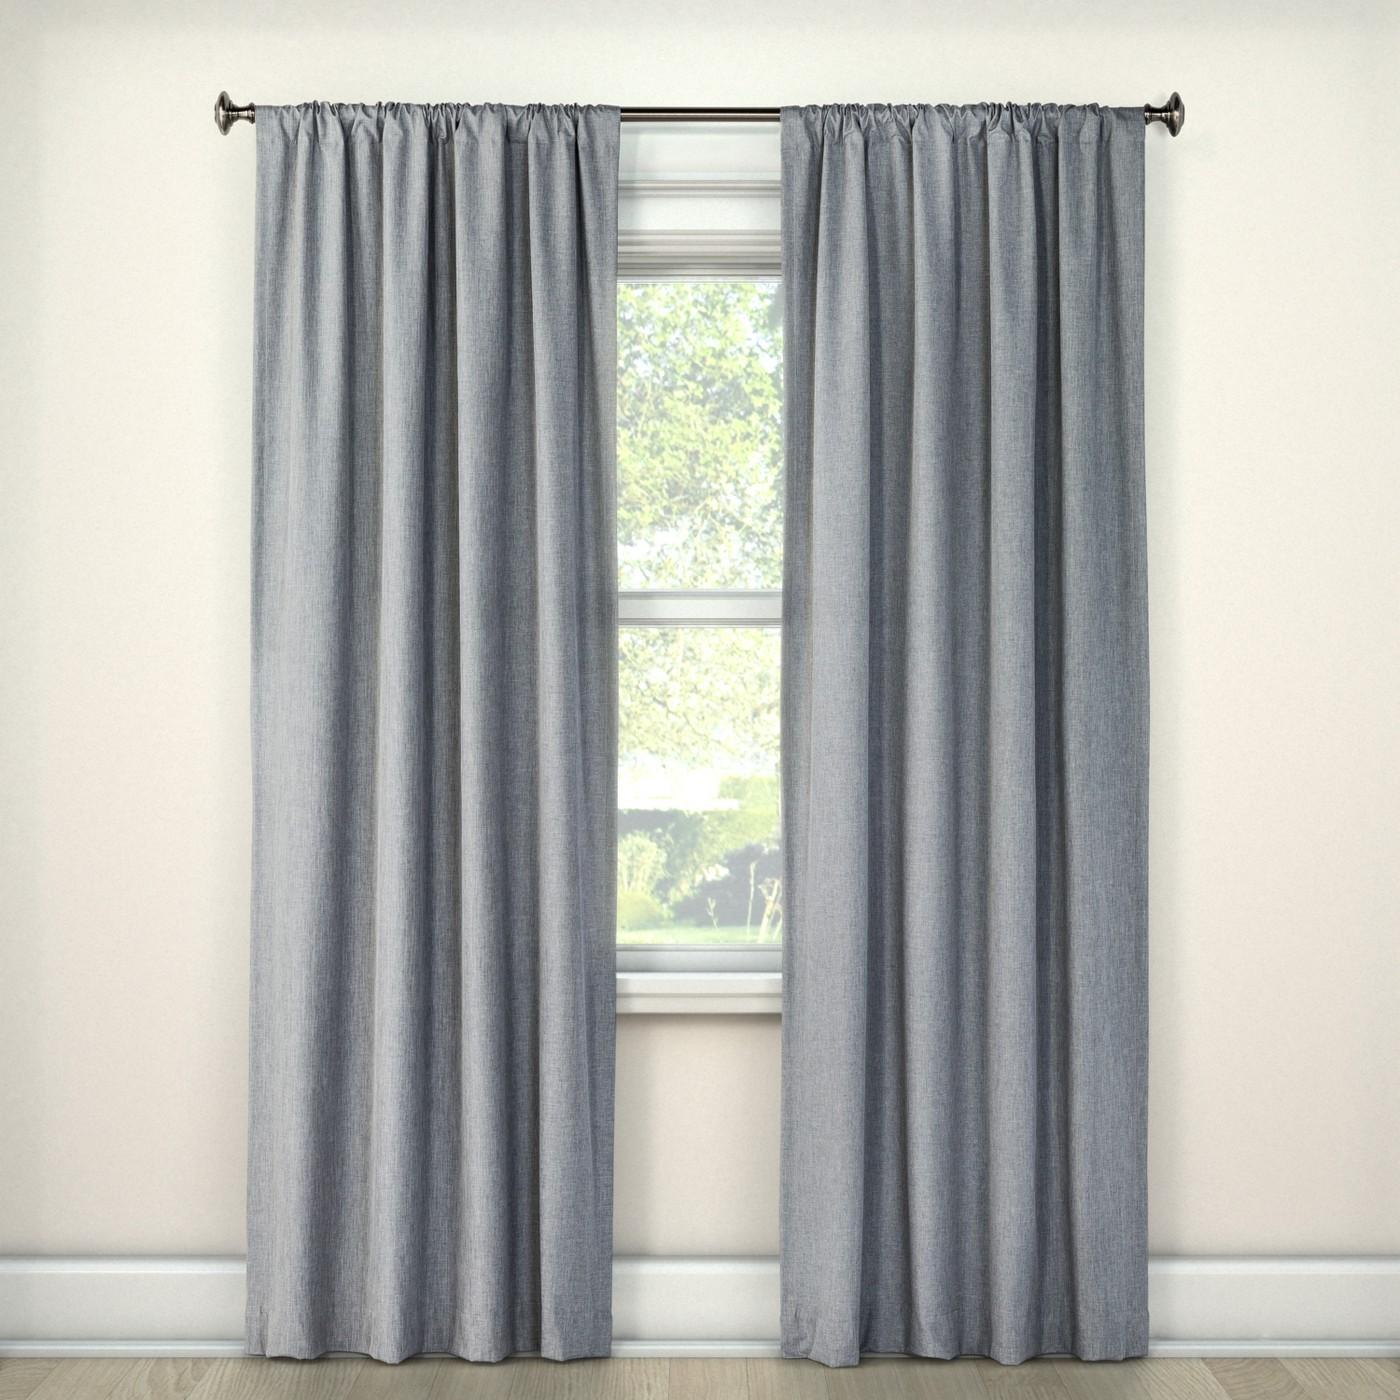 Lightblocking Curtain Panel - Room Essentials™ - image 1 of 2